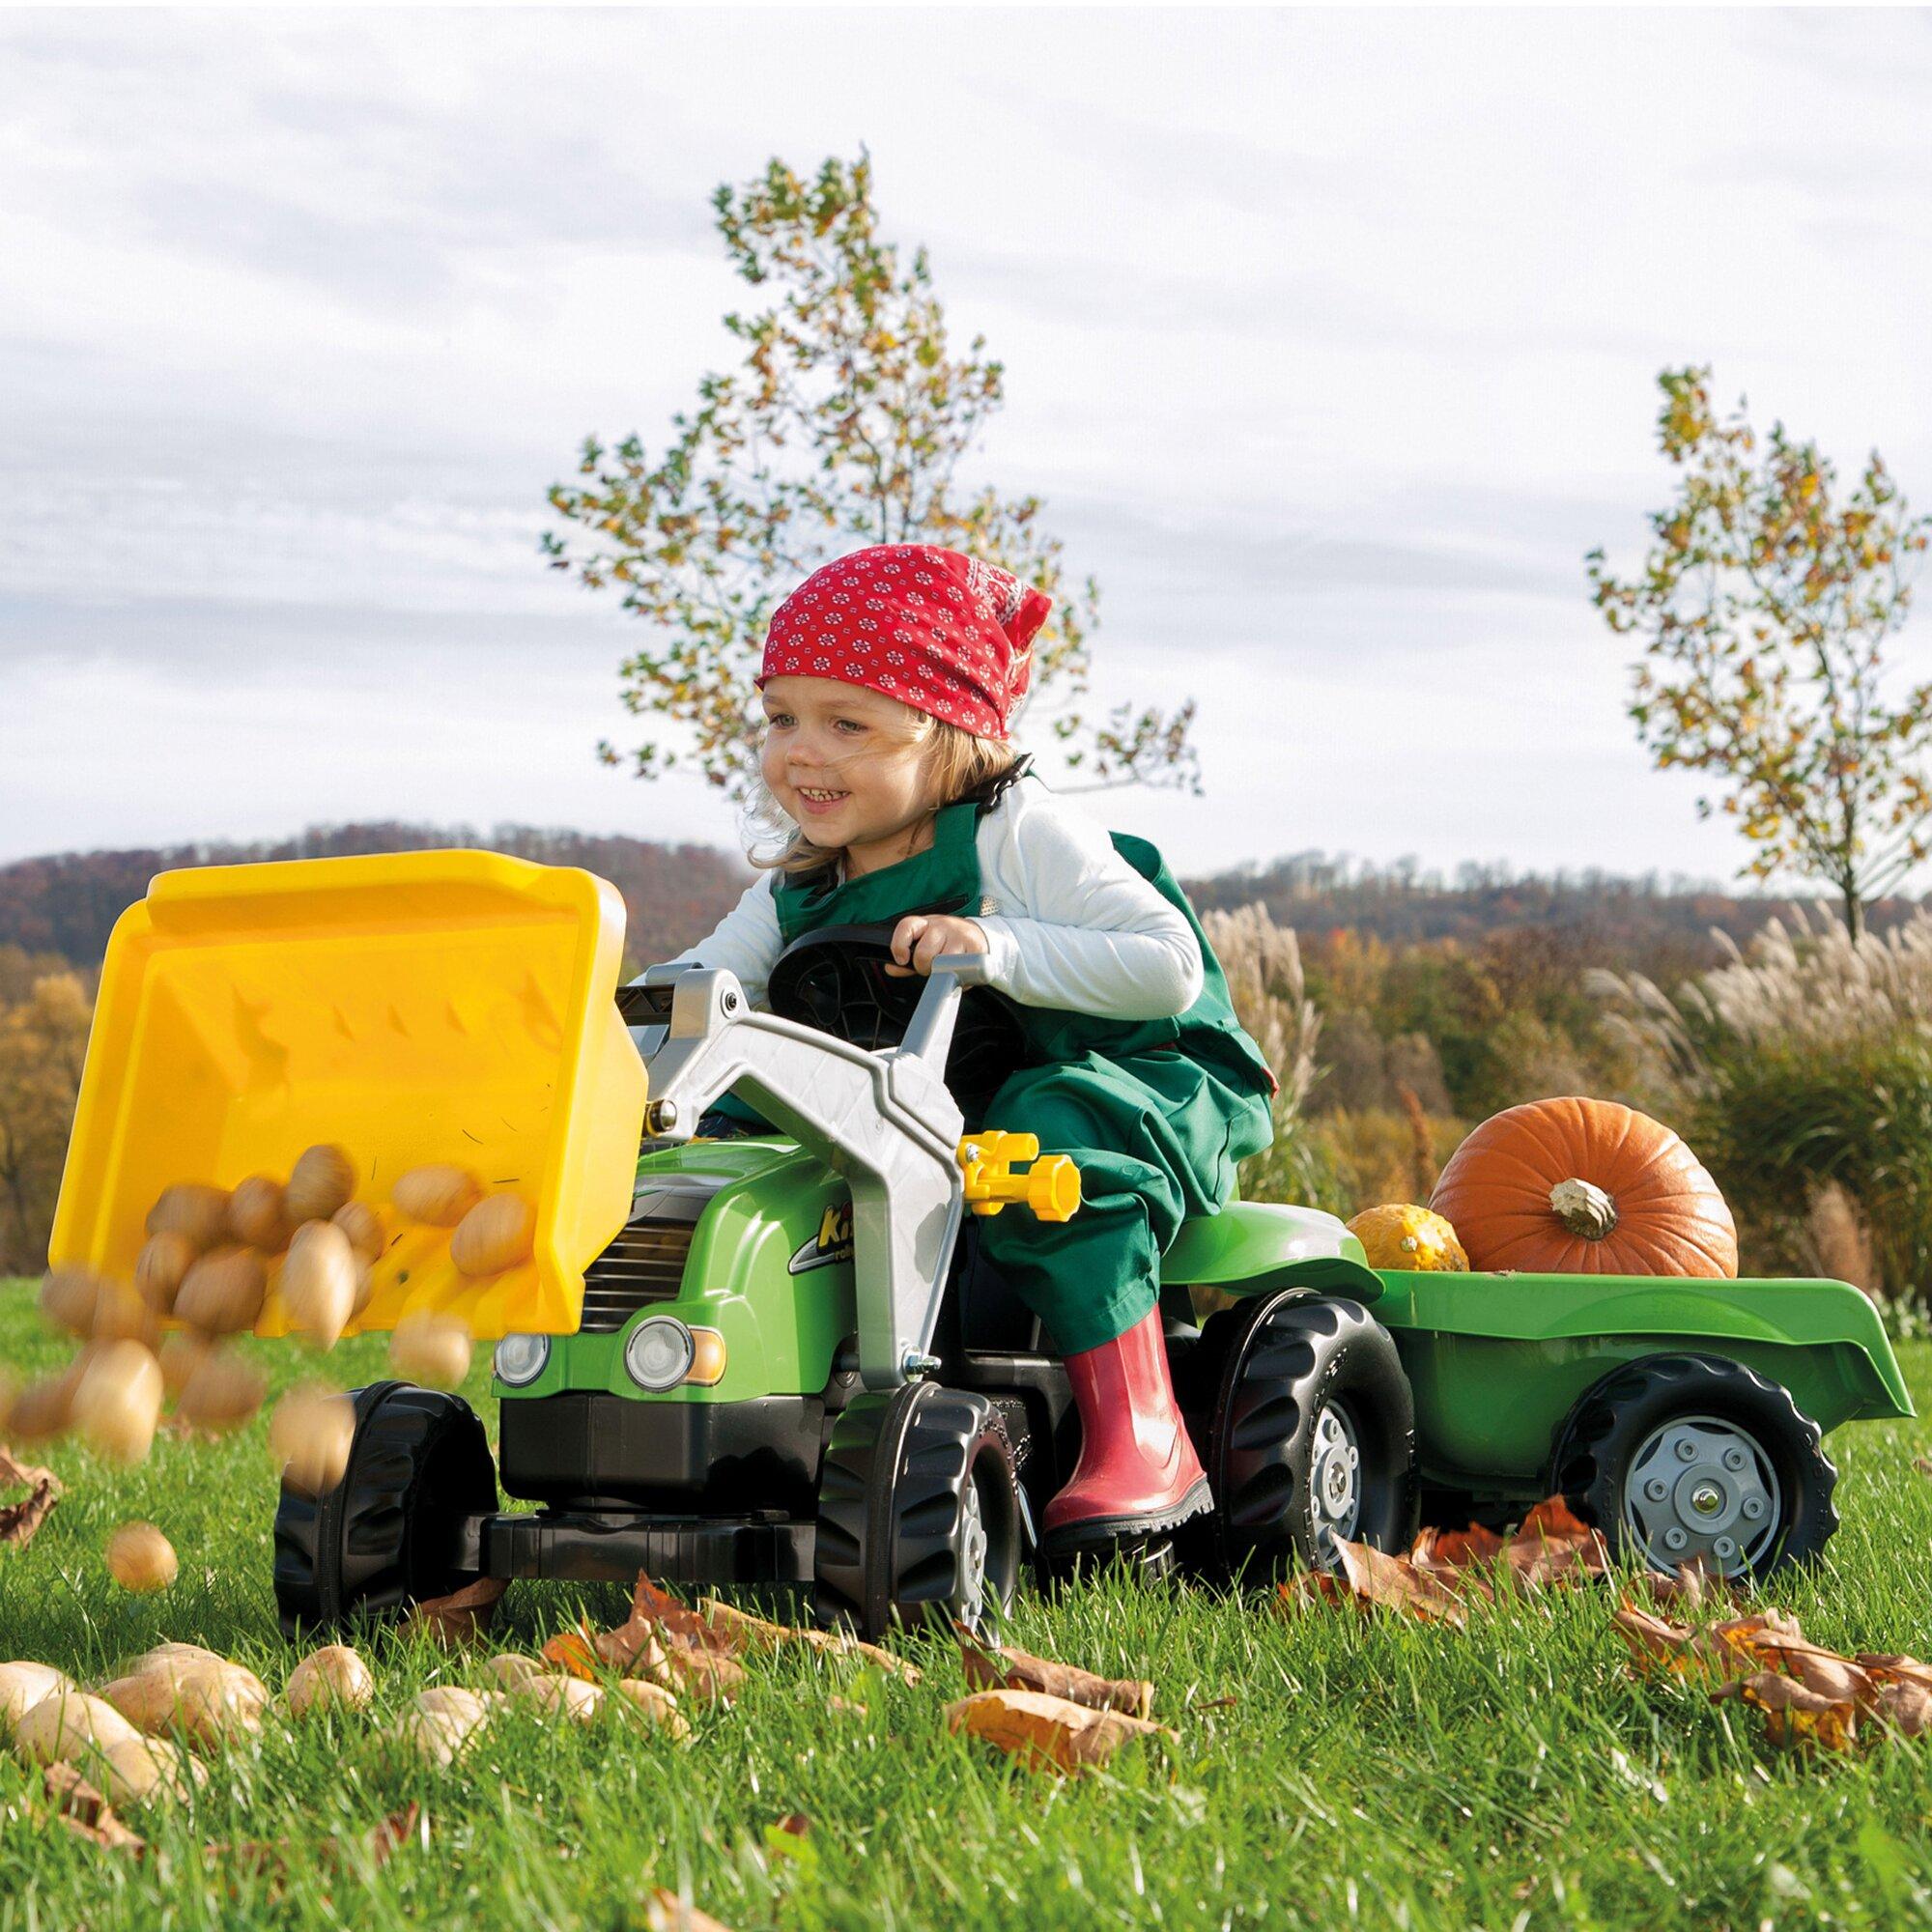 rolly-toys-trettraktor-rollykid-x-mit-anhanger